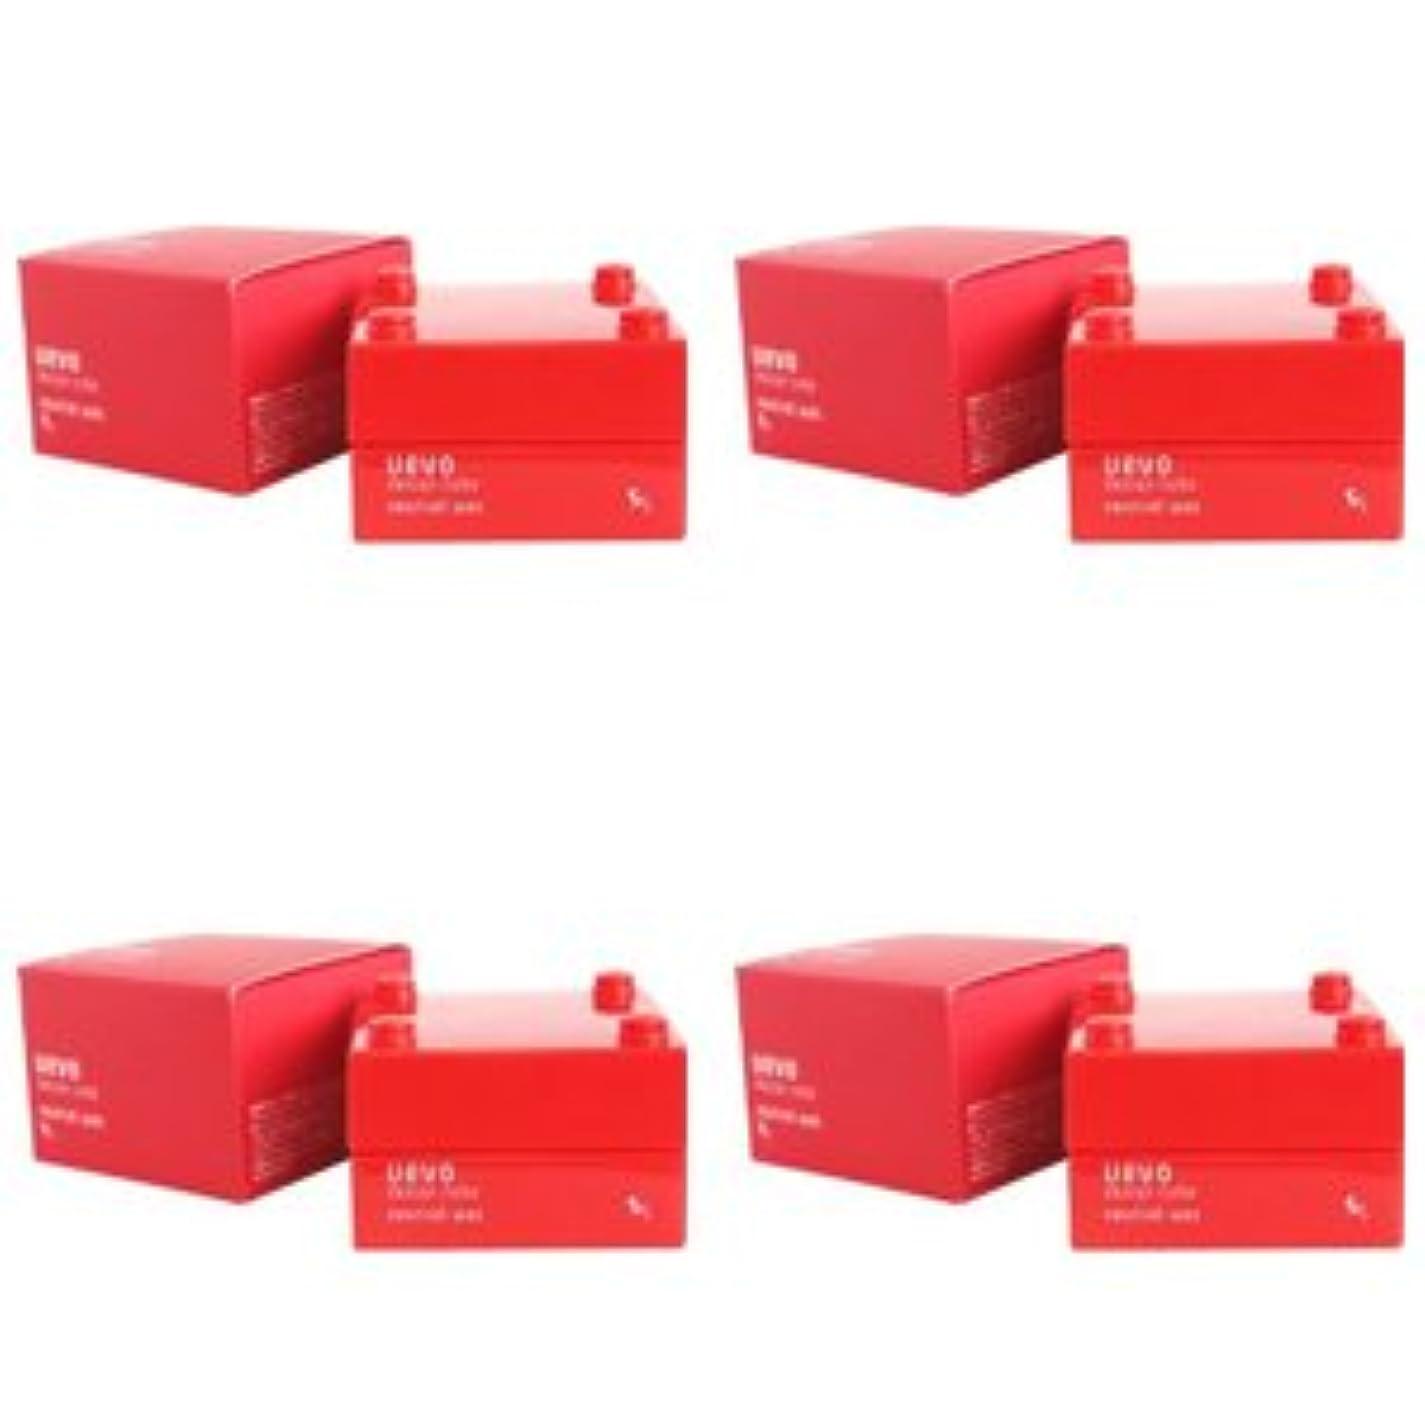 処方思い出す分泌する【X4個セット】 デミ ウェーボ デザインキューブ ニュートラルワックス 30g neutral wax DEMI uevo design cube